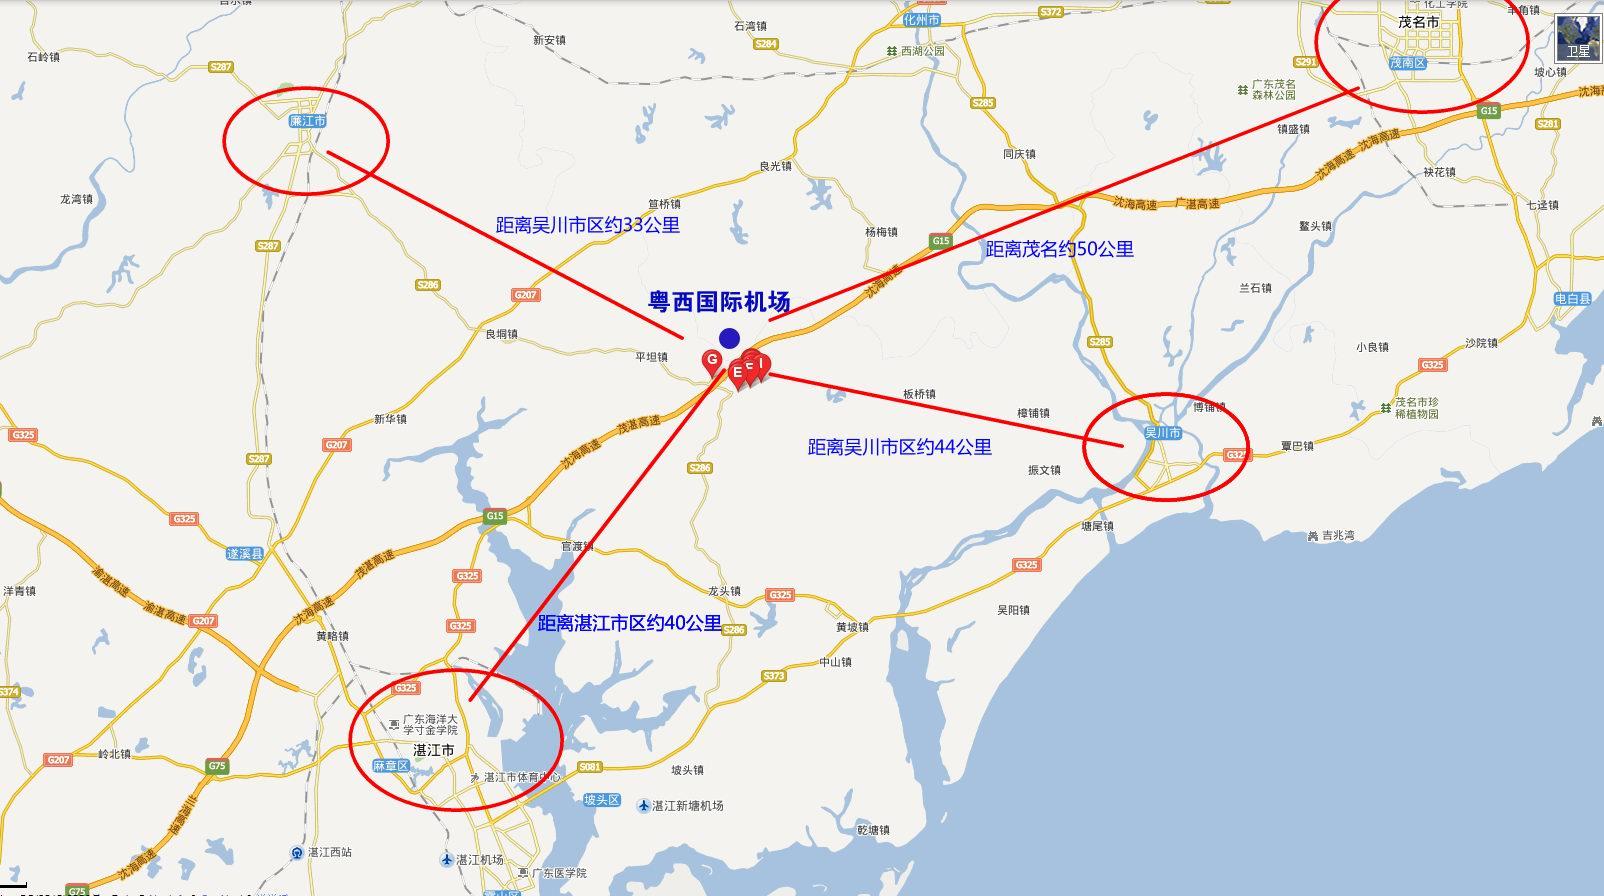 湛江至广州高铁2015,沪昆高铁邵阳北站2014图片